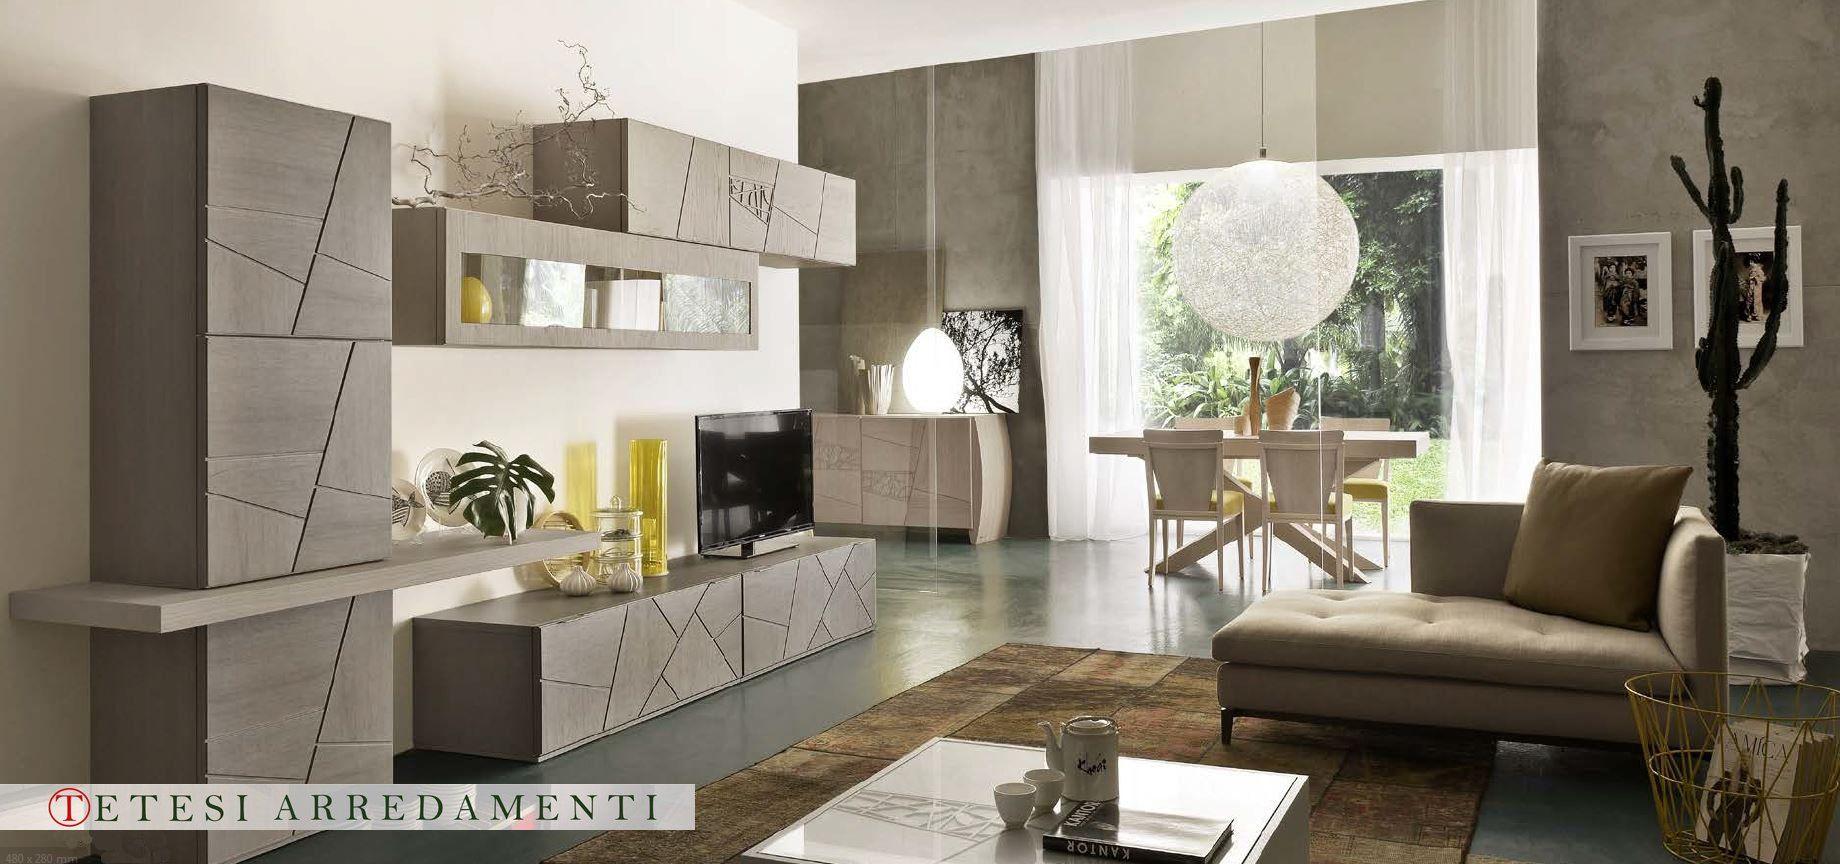 Descrizione immagine pareti attrezzate pinterest tv for Pareti attrezzate salotto